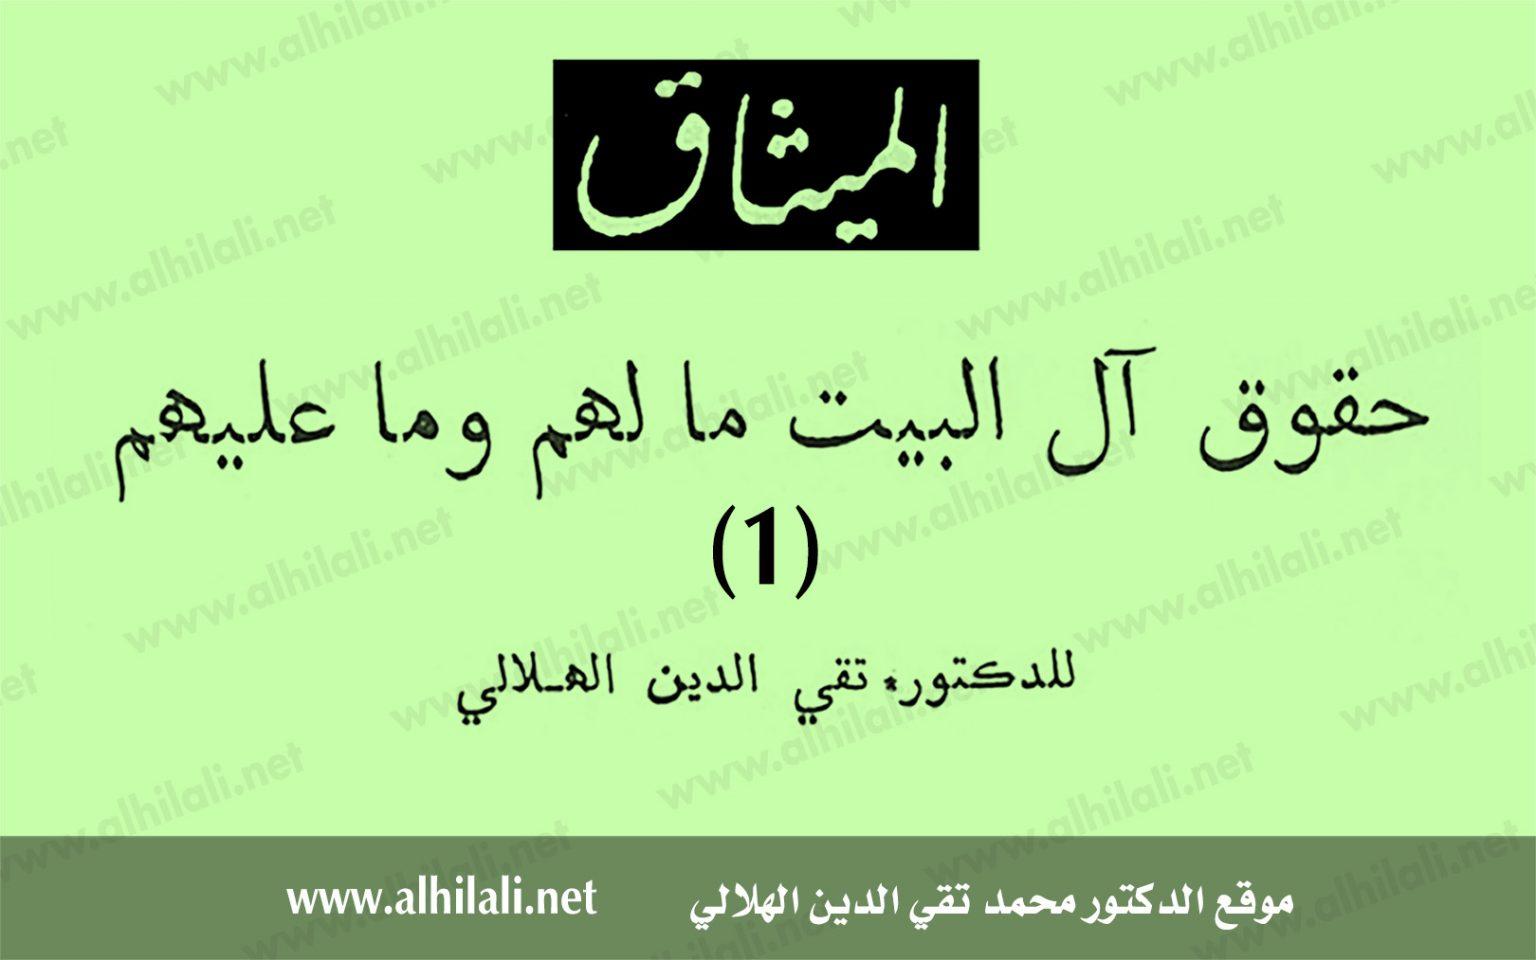 حقوق آل البيت مالهم وما عليهم (1) - تقي الدين الهلالي